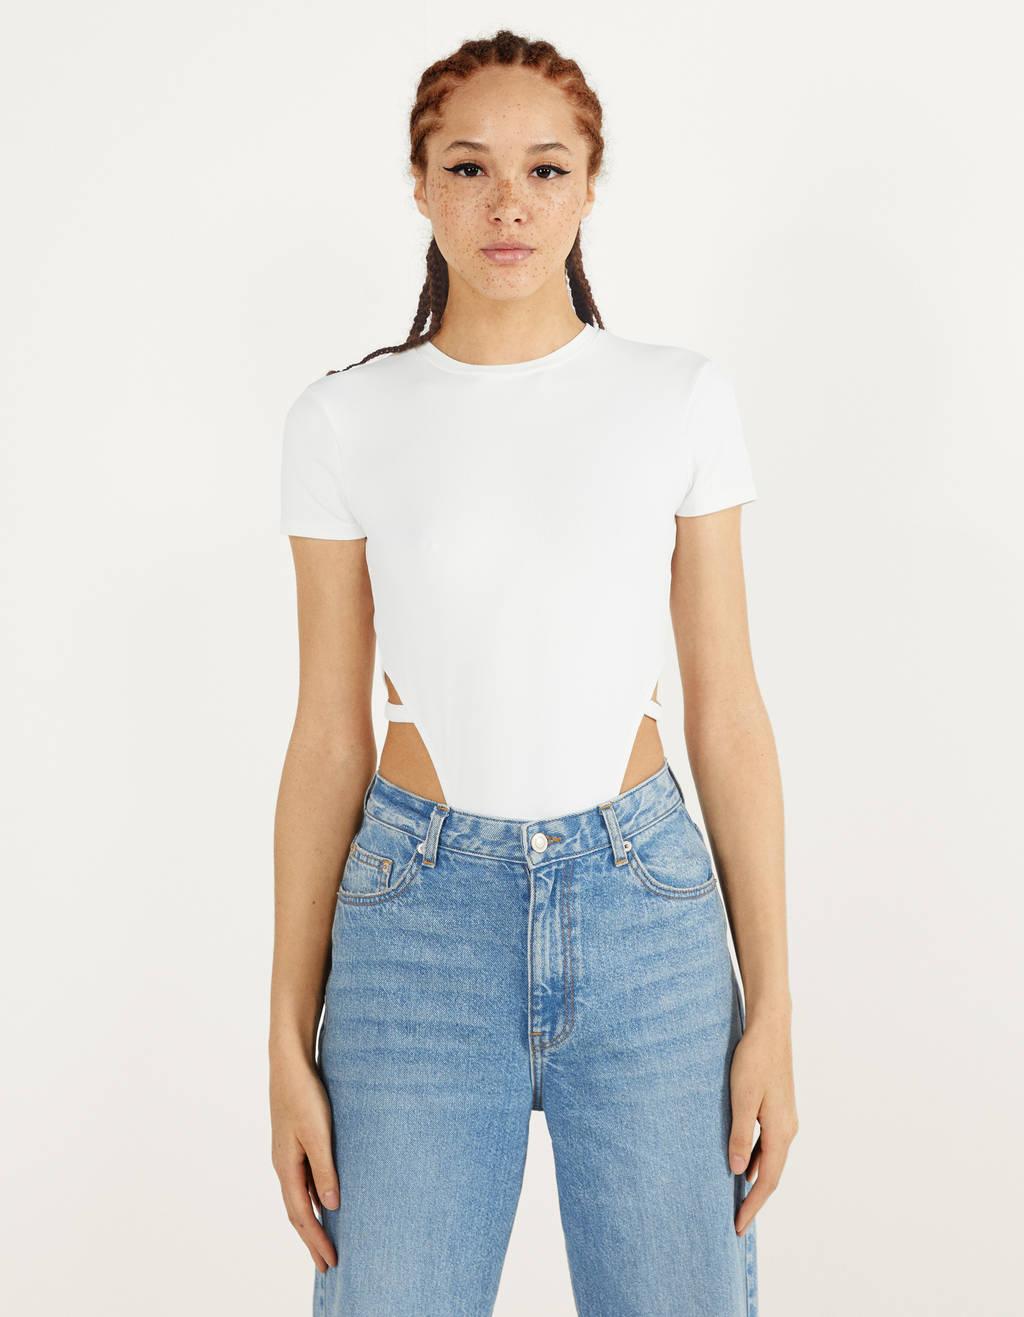 High waist bodysuit with slits